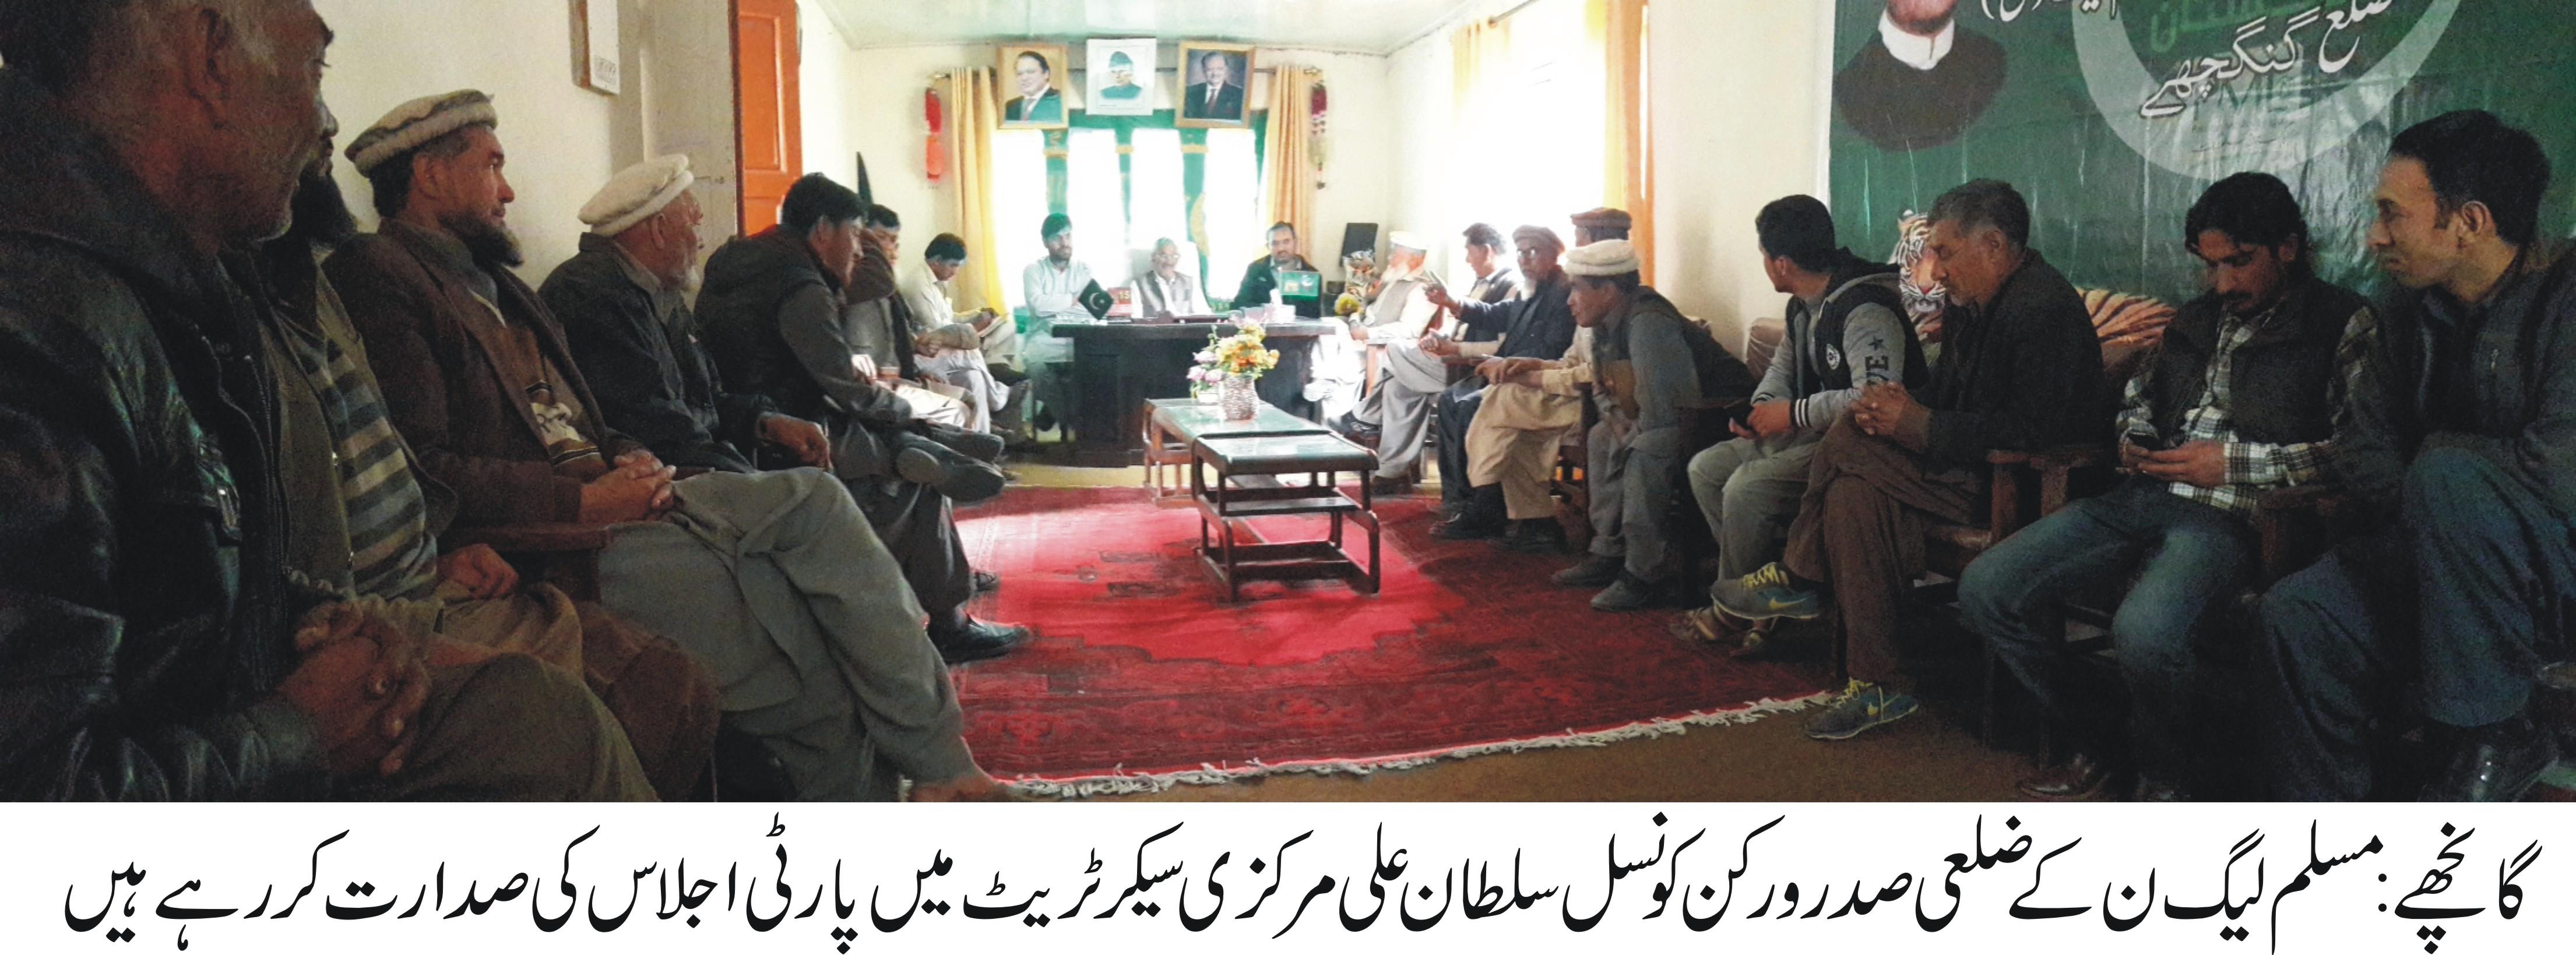 """گانچھے """"مِنی رائیونڈ""""بن چکا ہے، سلطان علی خان رکن گلگت بلتستان کونسل"""